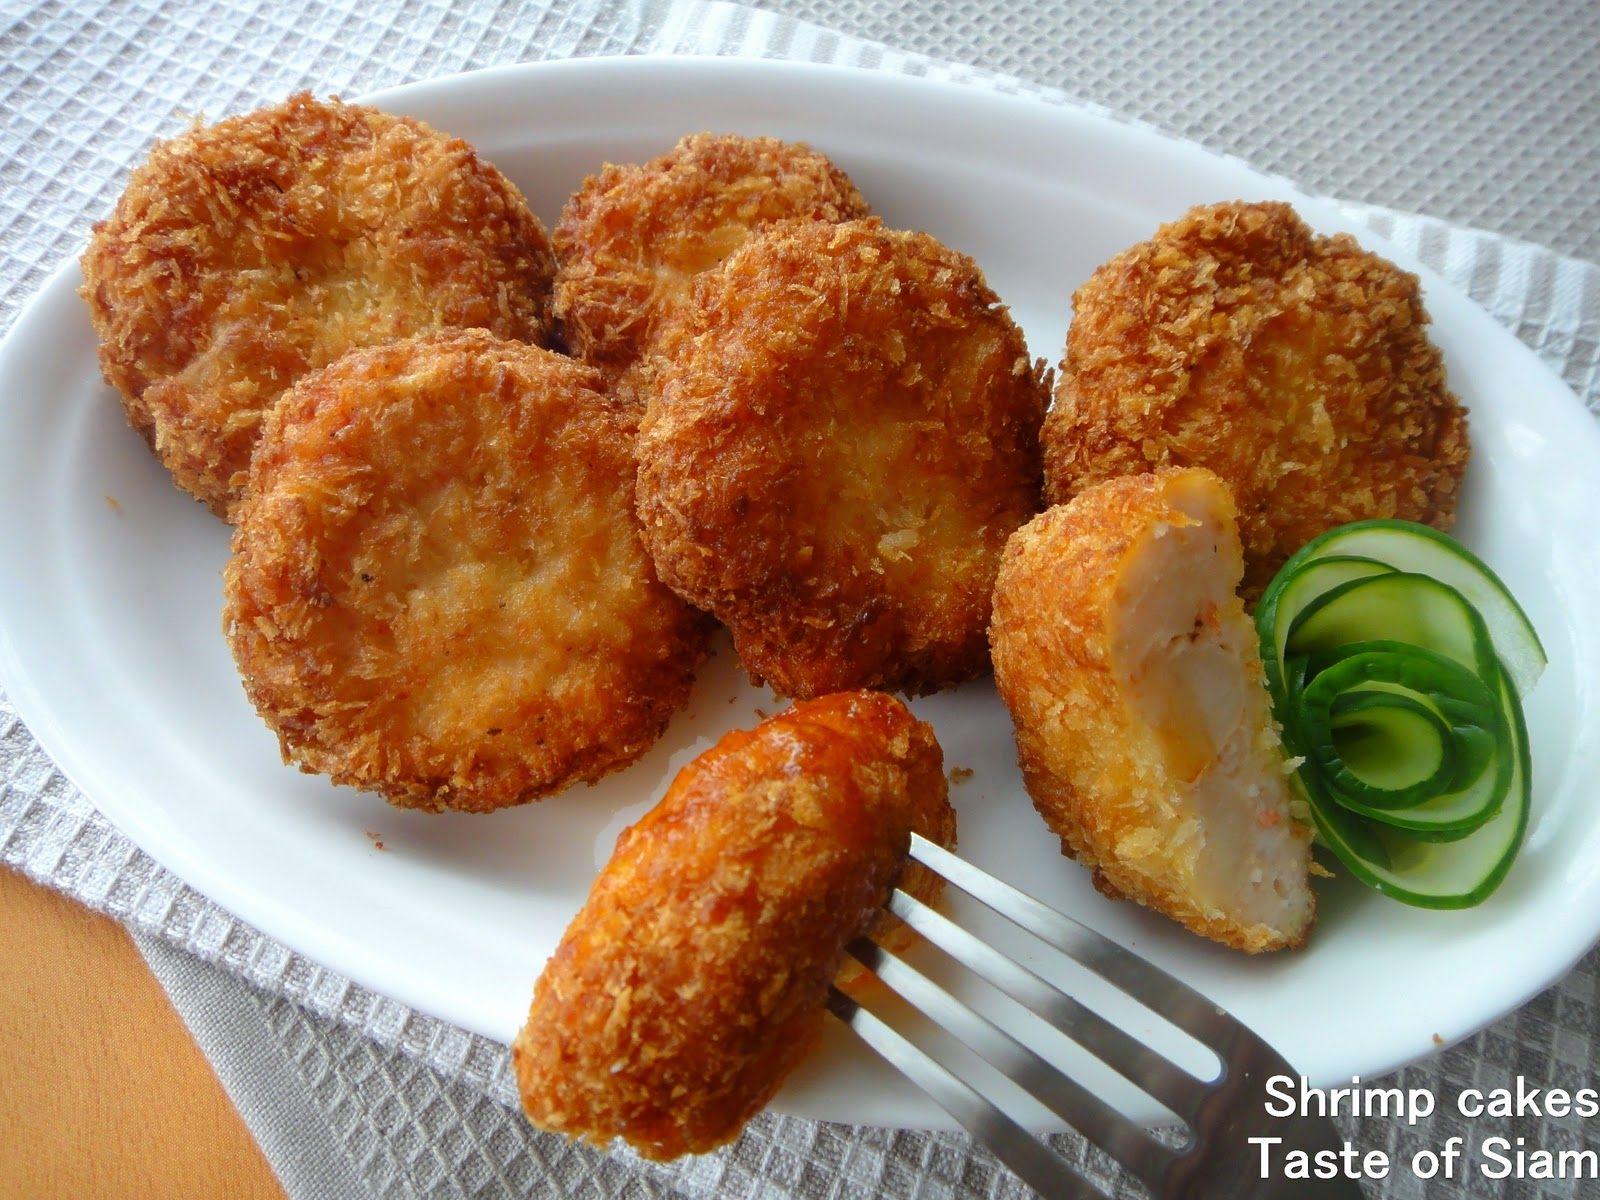 Taste of Siam: Shrimp Cakes